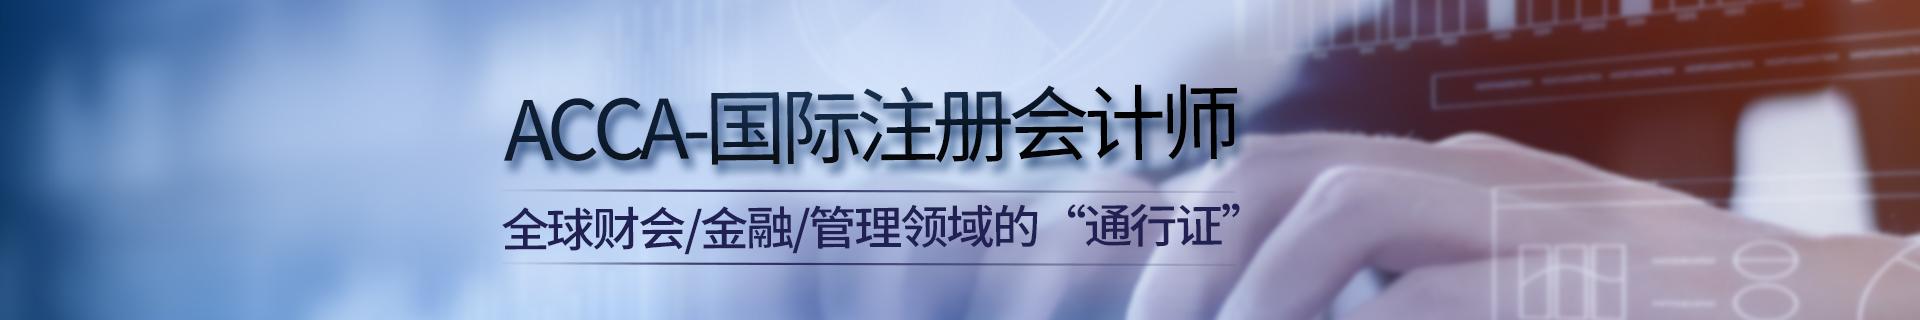 洛阳ACCA辅导机构洛龙校区